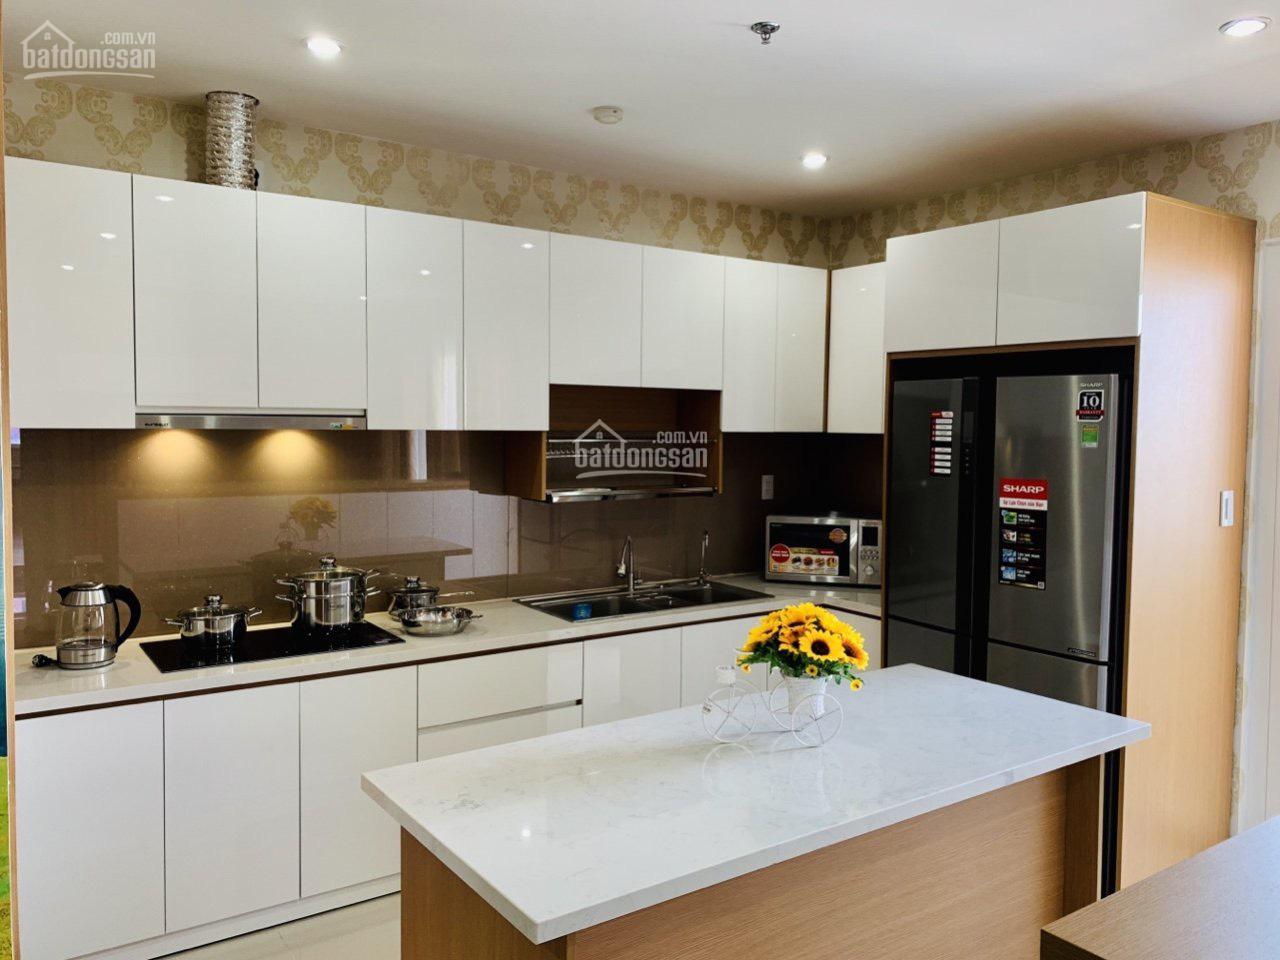 Gia đình cần bán căn hộ Cityland Gò Vấp, 2PN 79m2 full nội thất, view hồ bơi lầu cao mát mẻ